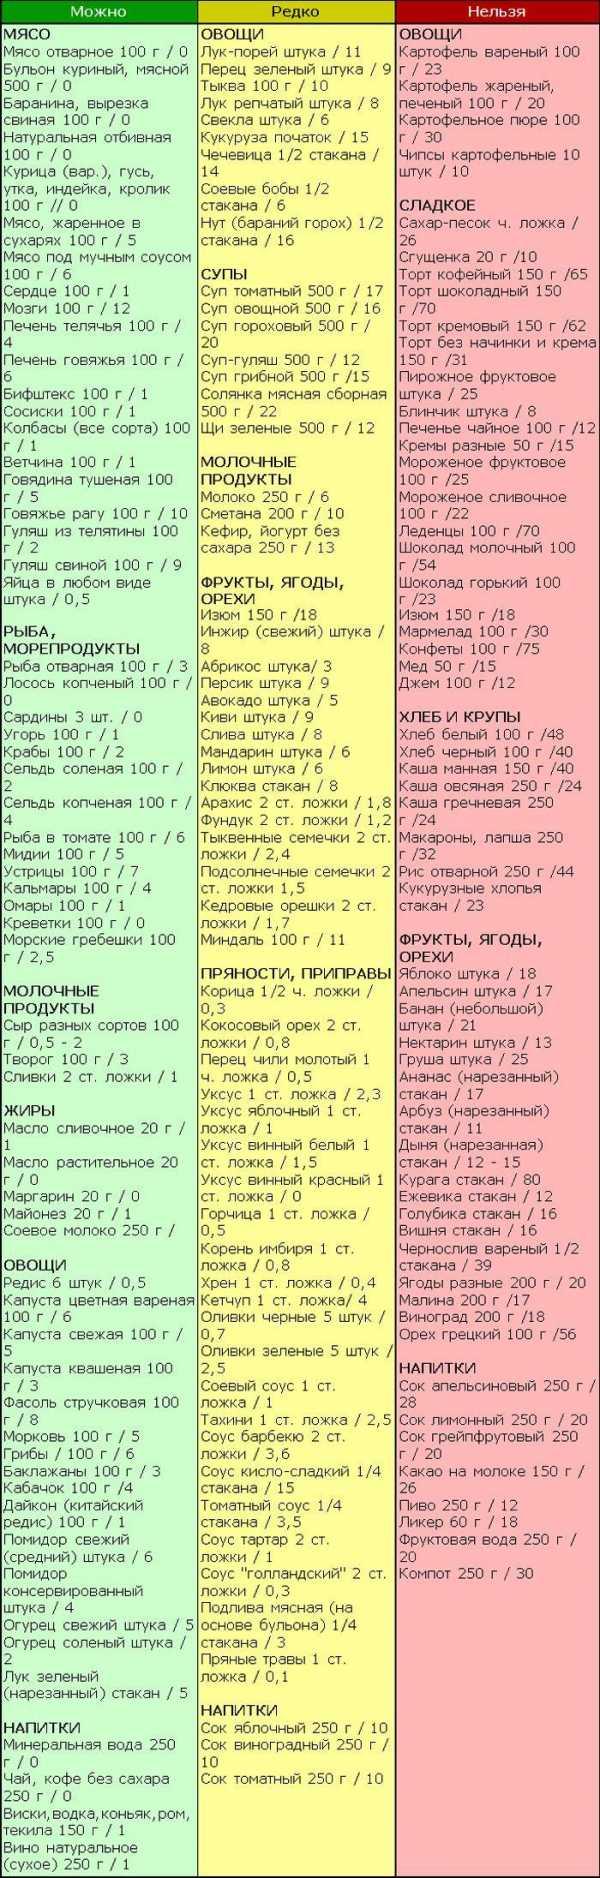 Кремлевская диета похудела